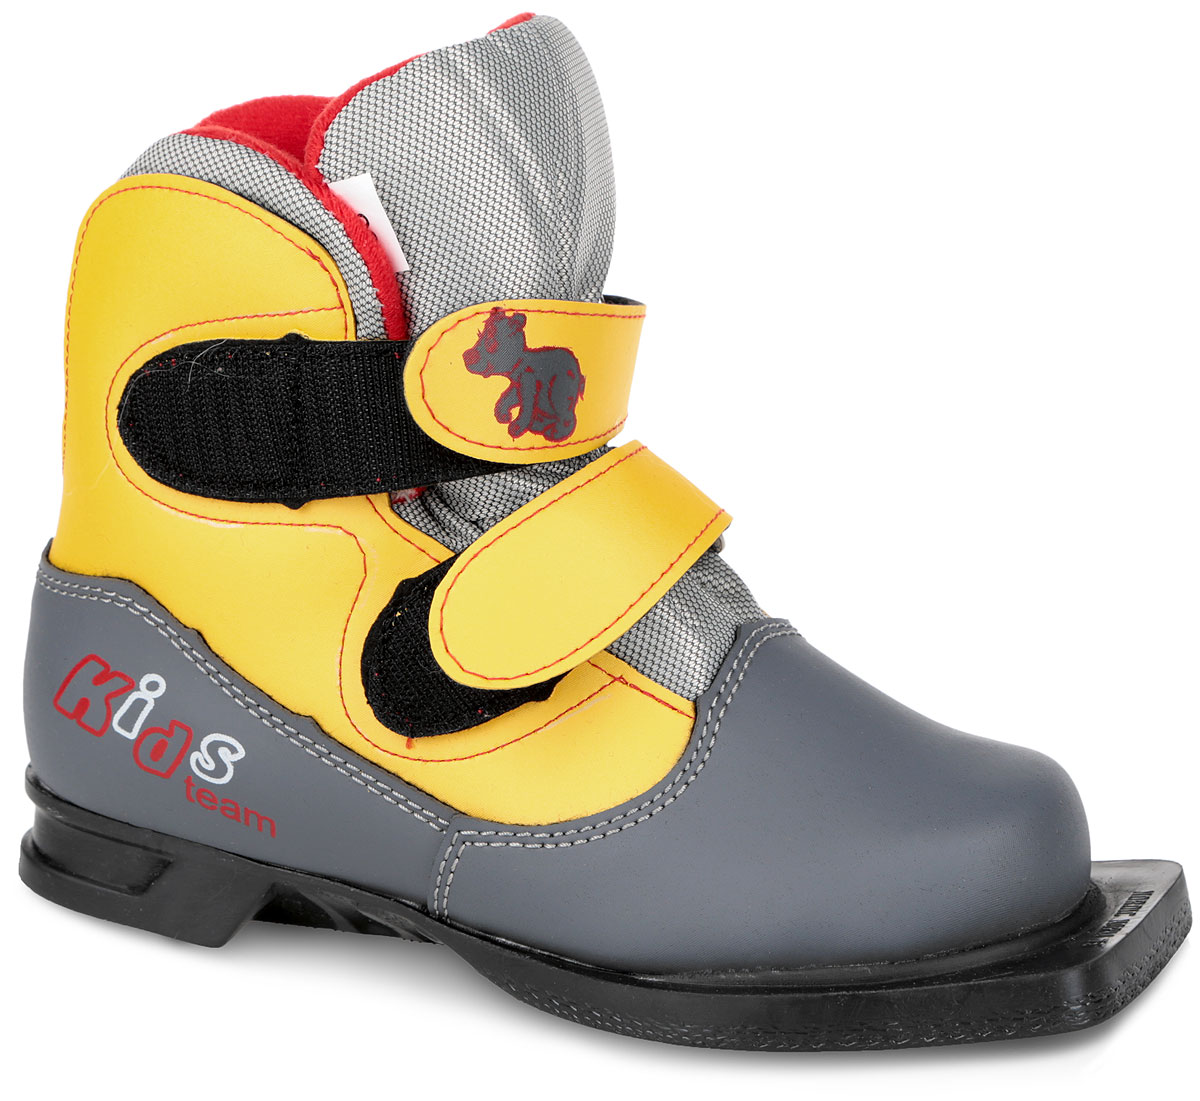 Ботинки лыжные детские Marax, цвет: серый, желтый. NN75. Размер 33Country 75Лыжные детские ботинки Marax предназначены для активного отдыха. Модель изготовлена из морозостойкой искусственной кожи и текстиля. Подкладка выполнена из искусственного меха и флиса, благодаря чему ваши ноги всегда будут в тепле. Шерстяная стелька комфортна при беге. Вставка на заднике обеспечивает дополнительную жесткость, позволяя дольше сохранять первоначальную форму ботинка и предотвращать натирание стопы. Ботинки снабжены удобными застежками-липучками, которые надежно фиксируют модель на ноге и регулируют объем, а также язычком-клапаном, который защищает от попадания снега и влаги. Подошва системы 75 мм из двухкомпонентной резины, является надежной и весьма простой системой крепежа и позволяет безбоязненно использовать ботинок до -30°С. В таких лыжных ботинках вам будет комфортно и уютно.Как выбрать лыжи ребёнку. Статья OZON Гид